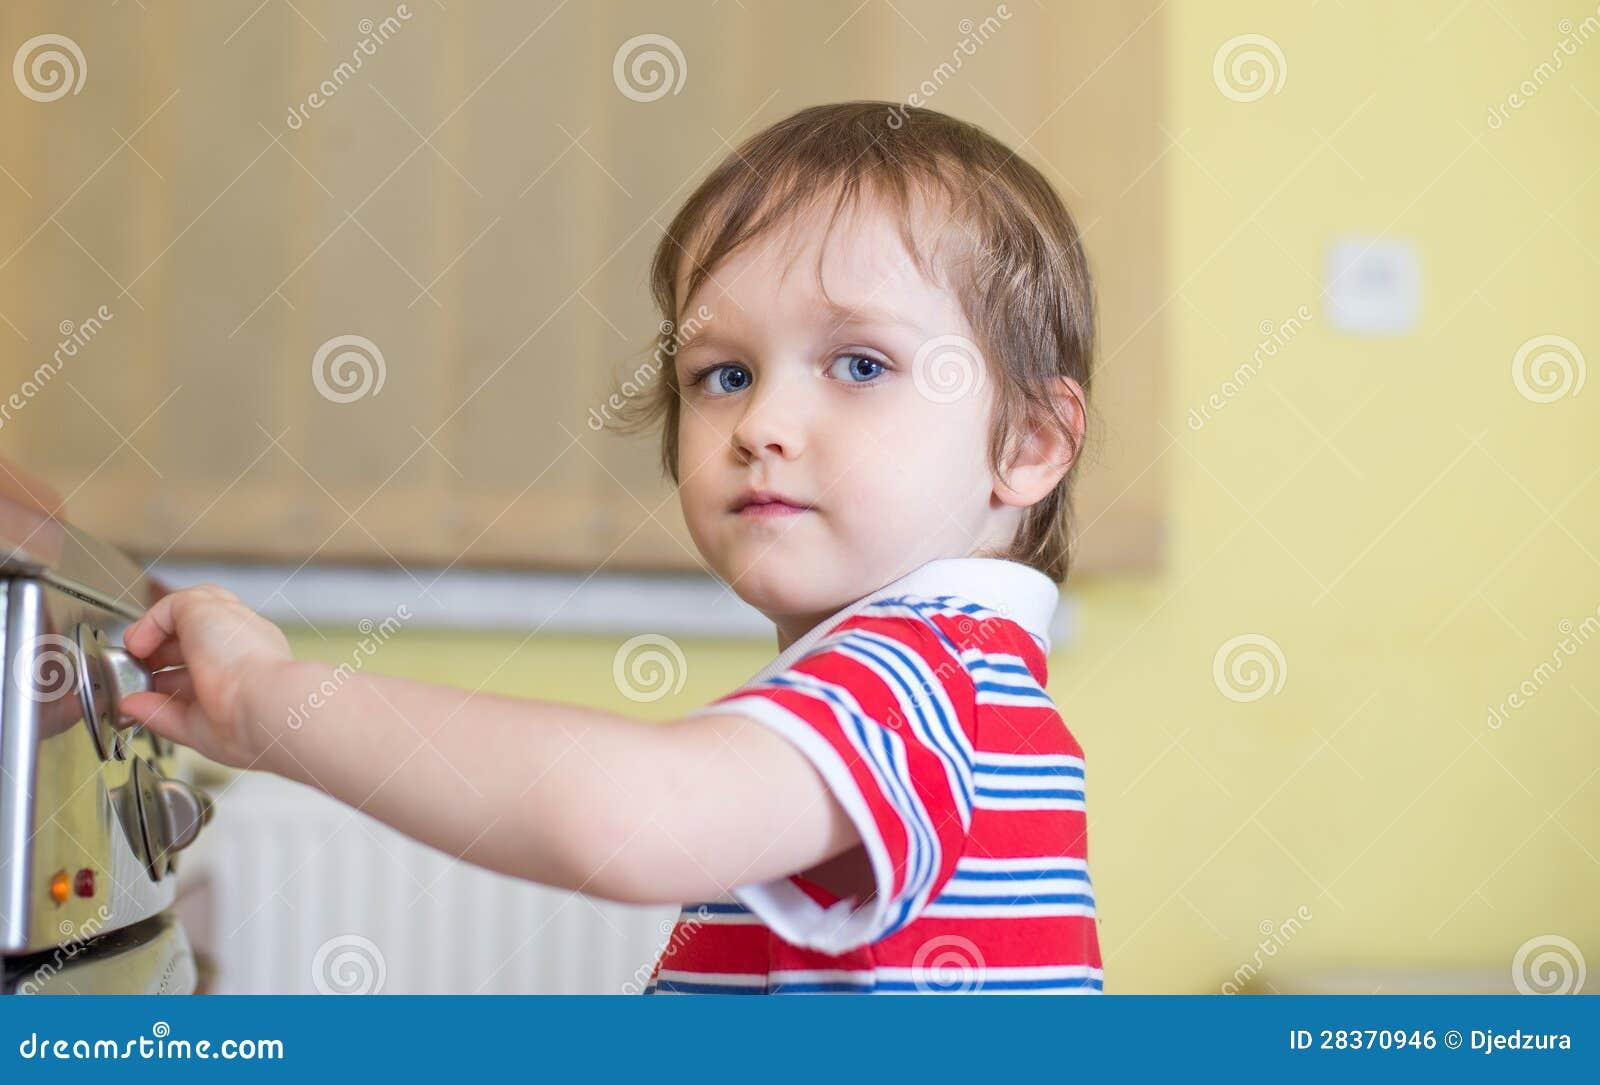 Маленький ребёнок касающий плита - опасность в доме